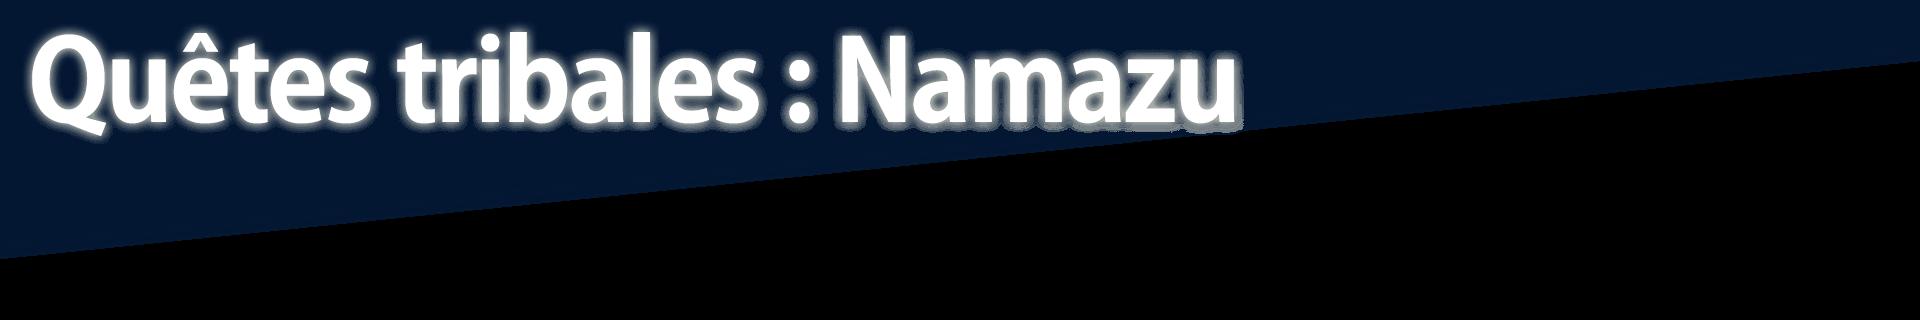 Quêtes tribales : Namazu